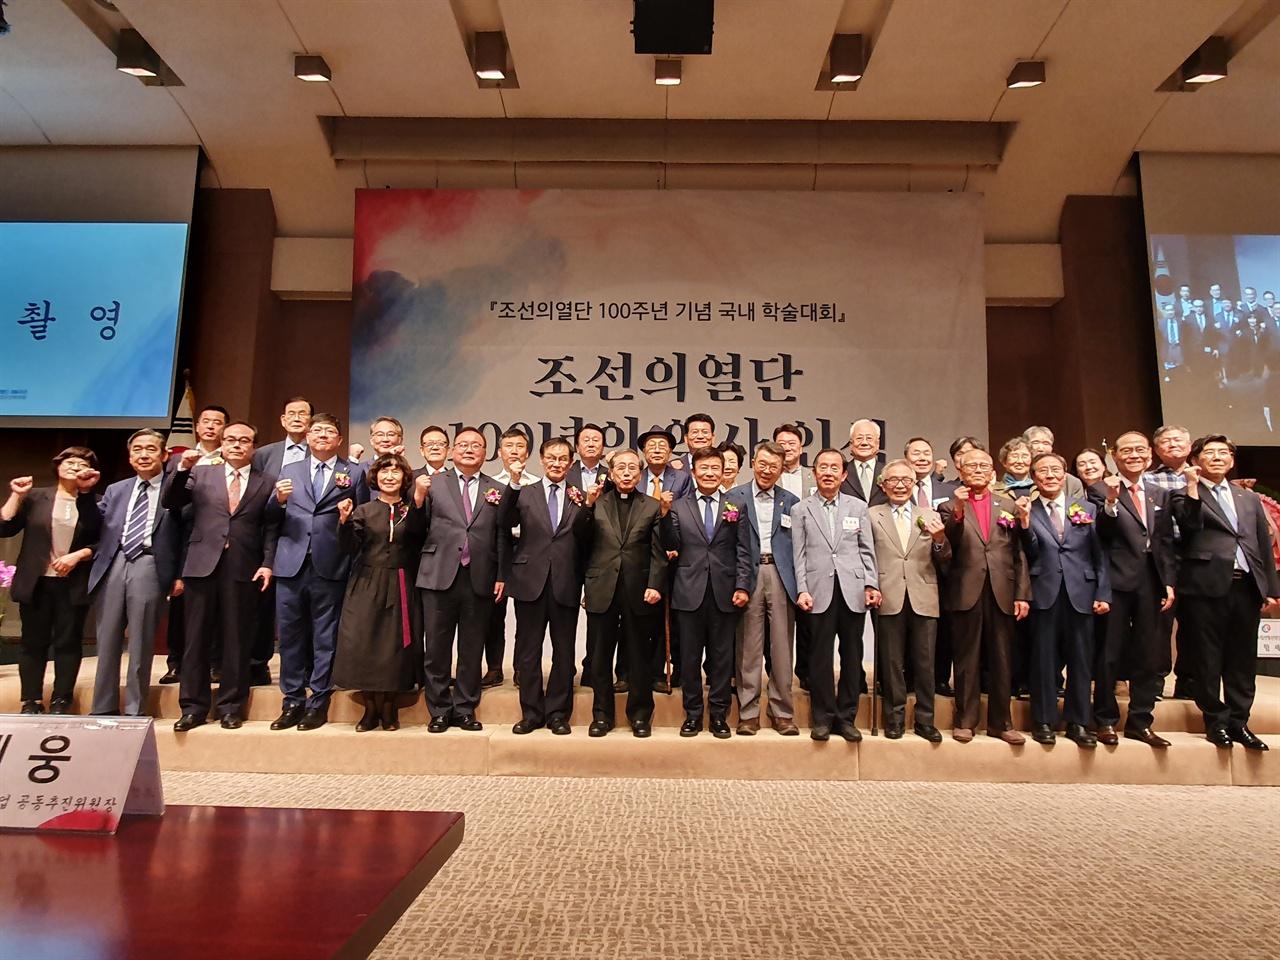 조선의열단 100주년 기념 학술대회 '조선의열단 100년의 역사인식'에 참석한 내외귀빈들의 모습